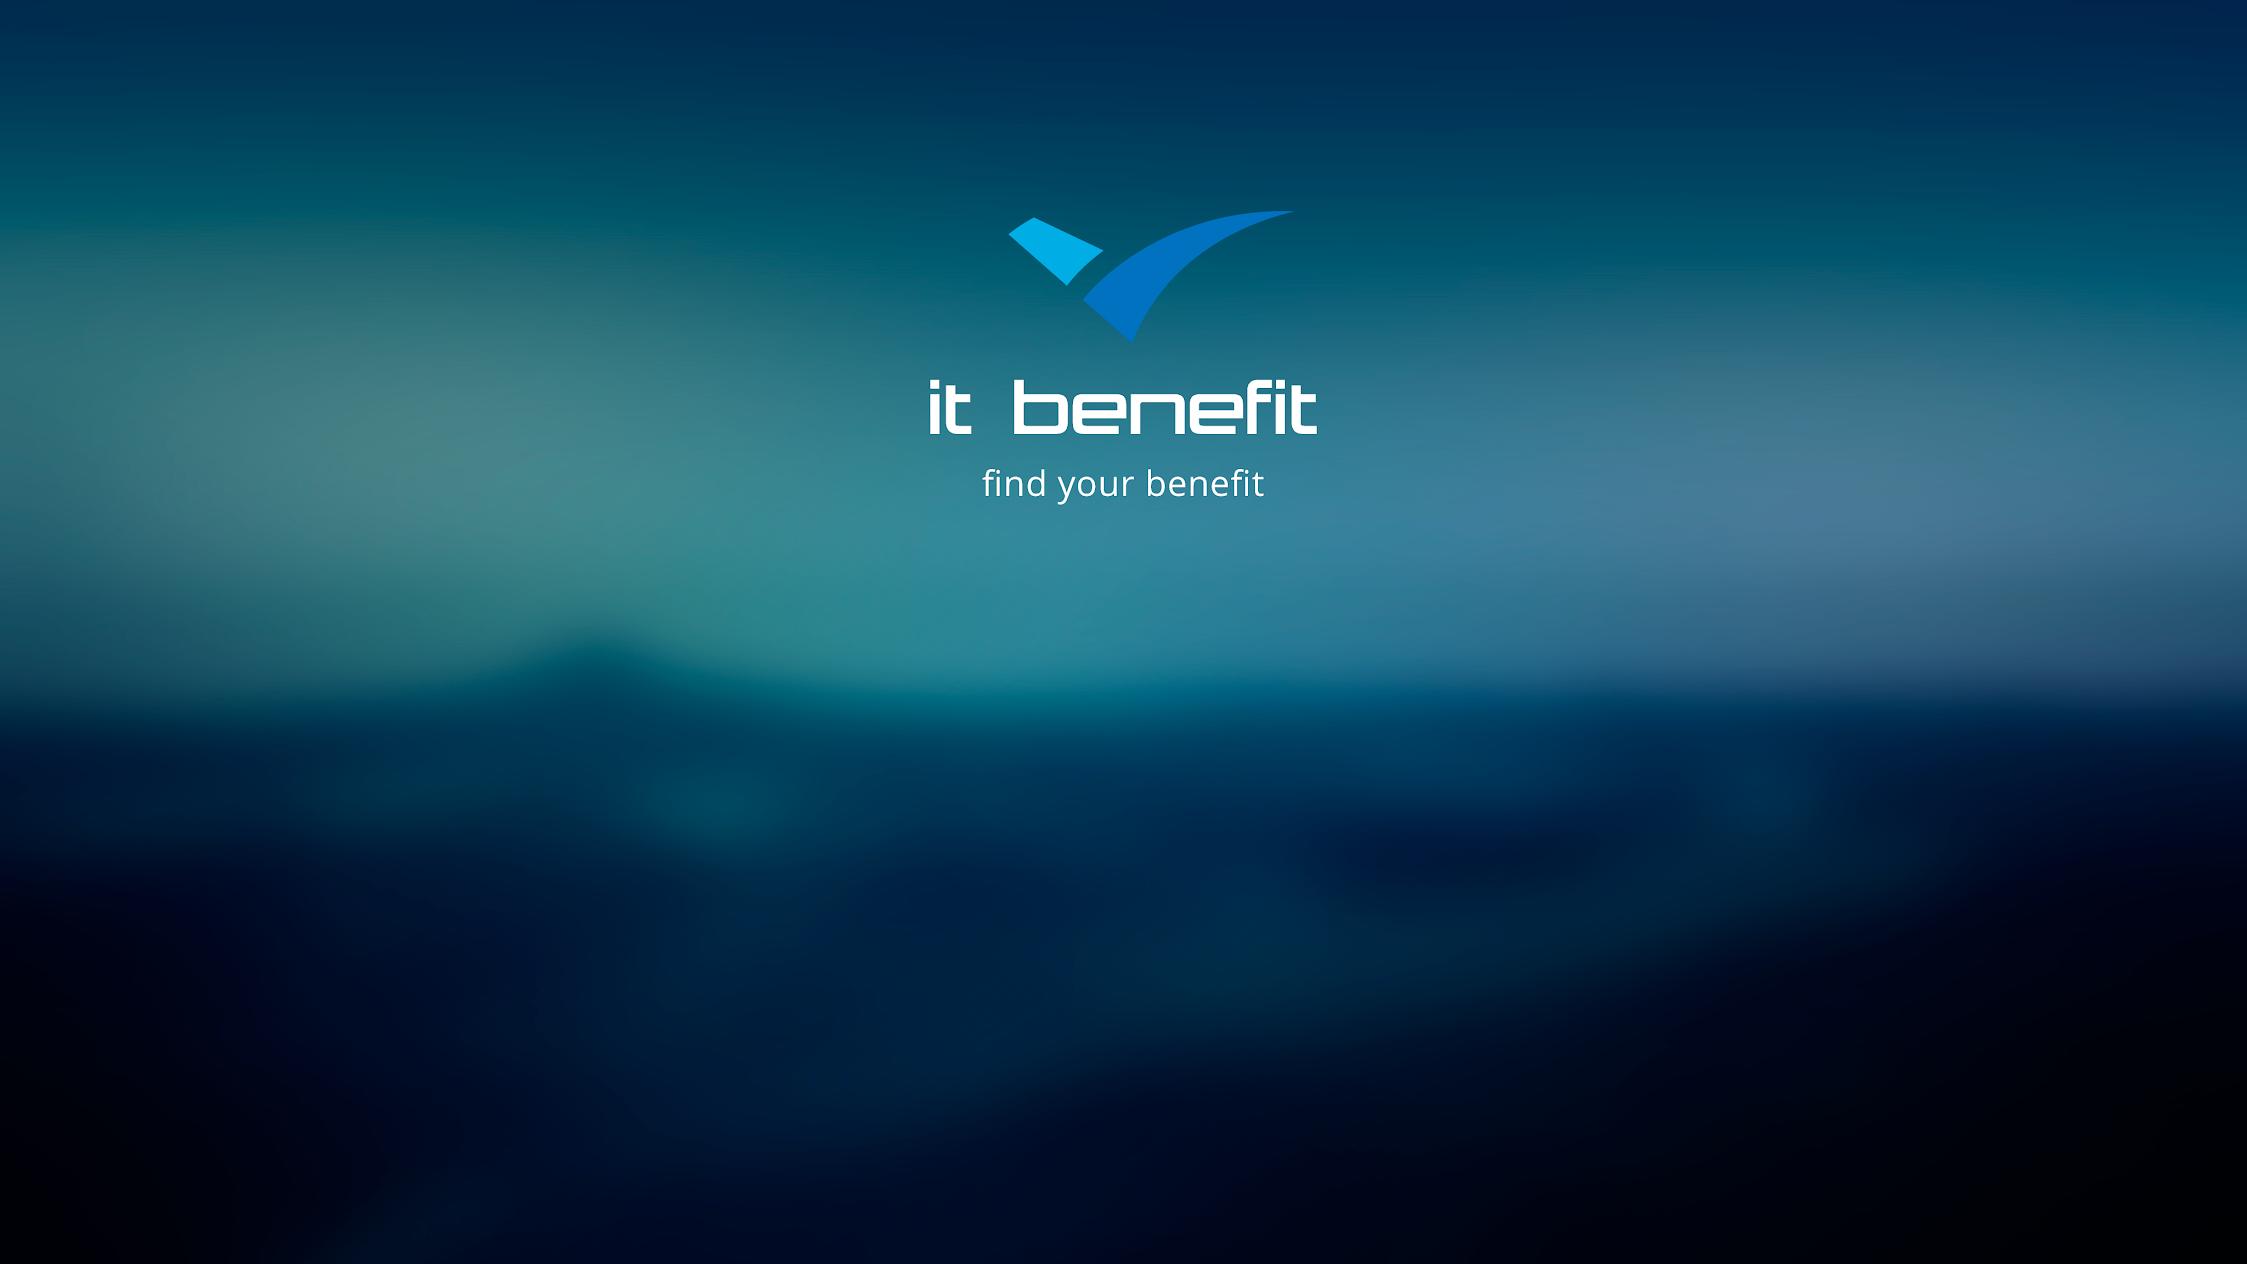 IT Benefit